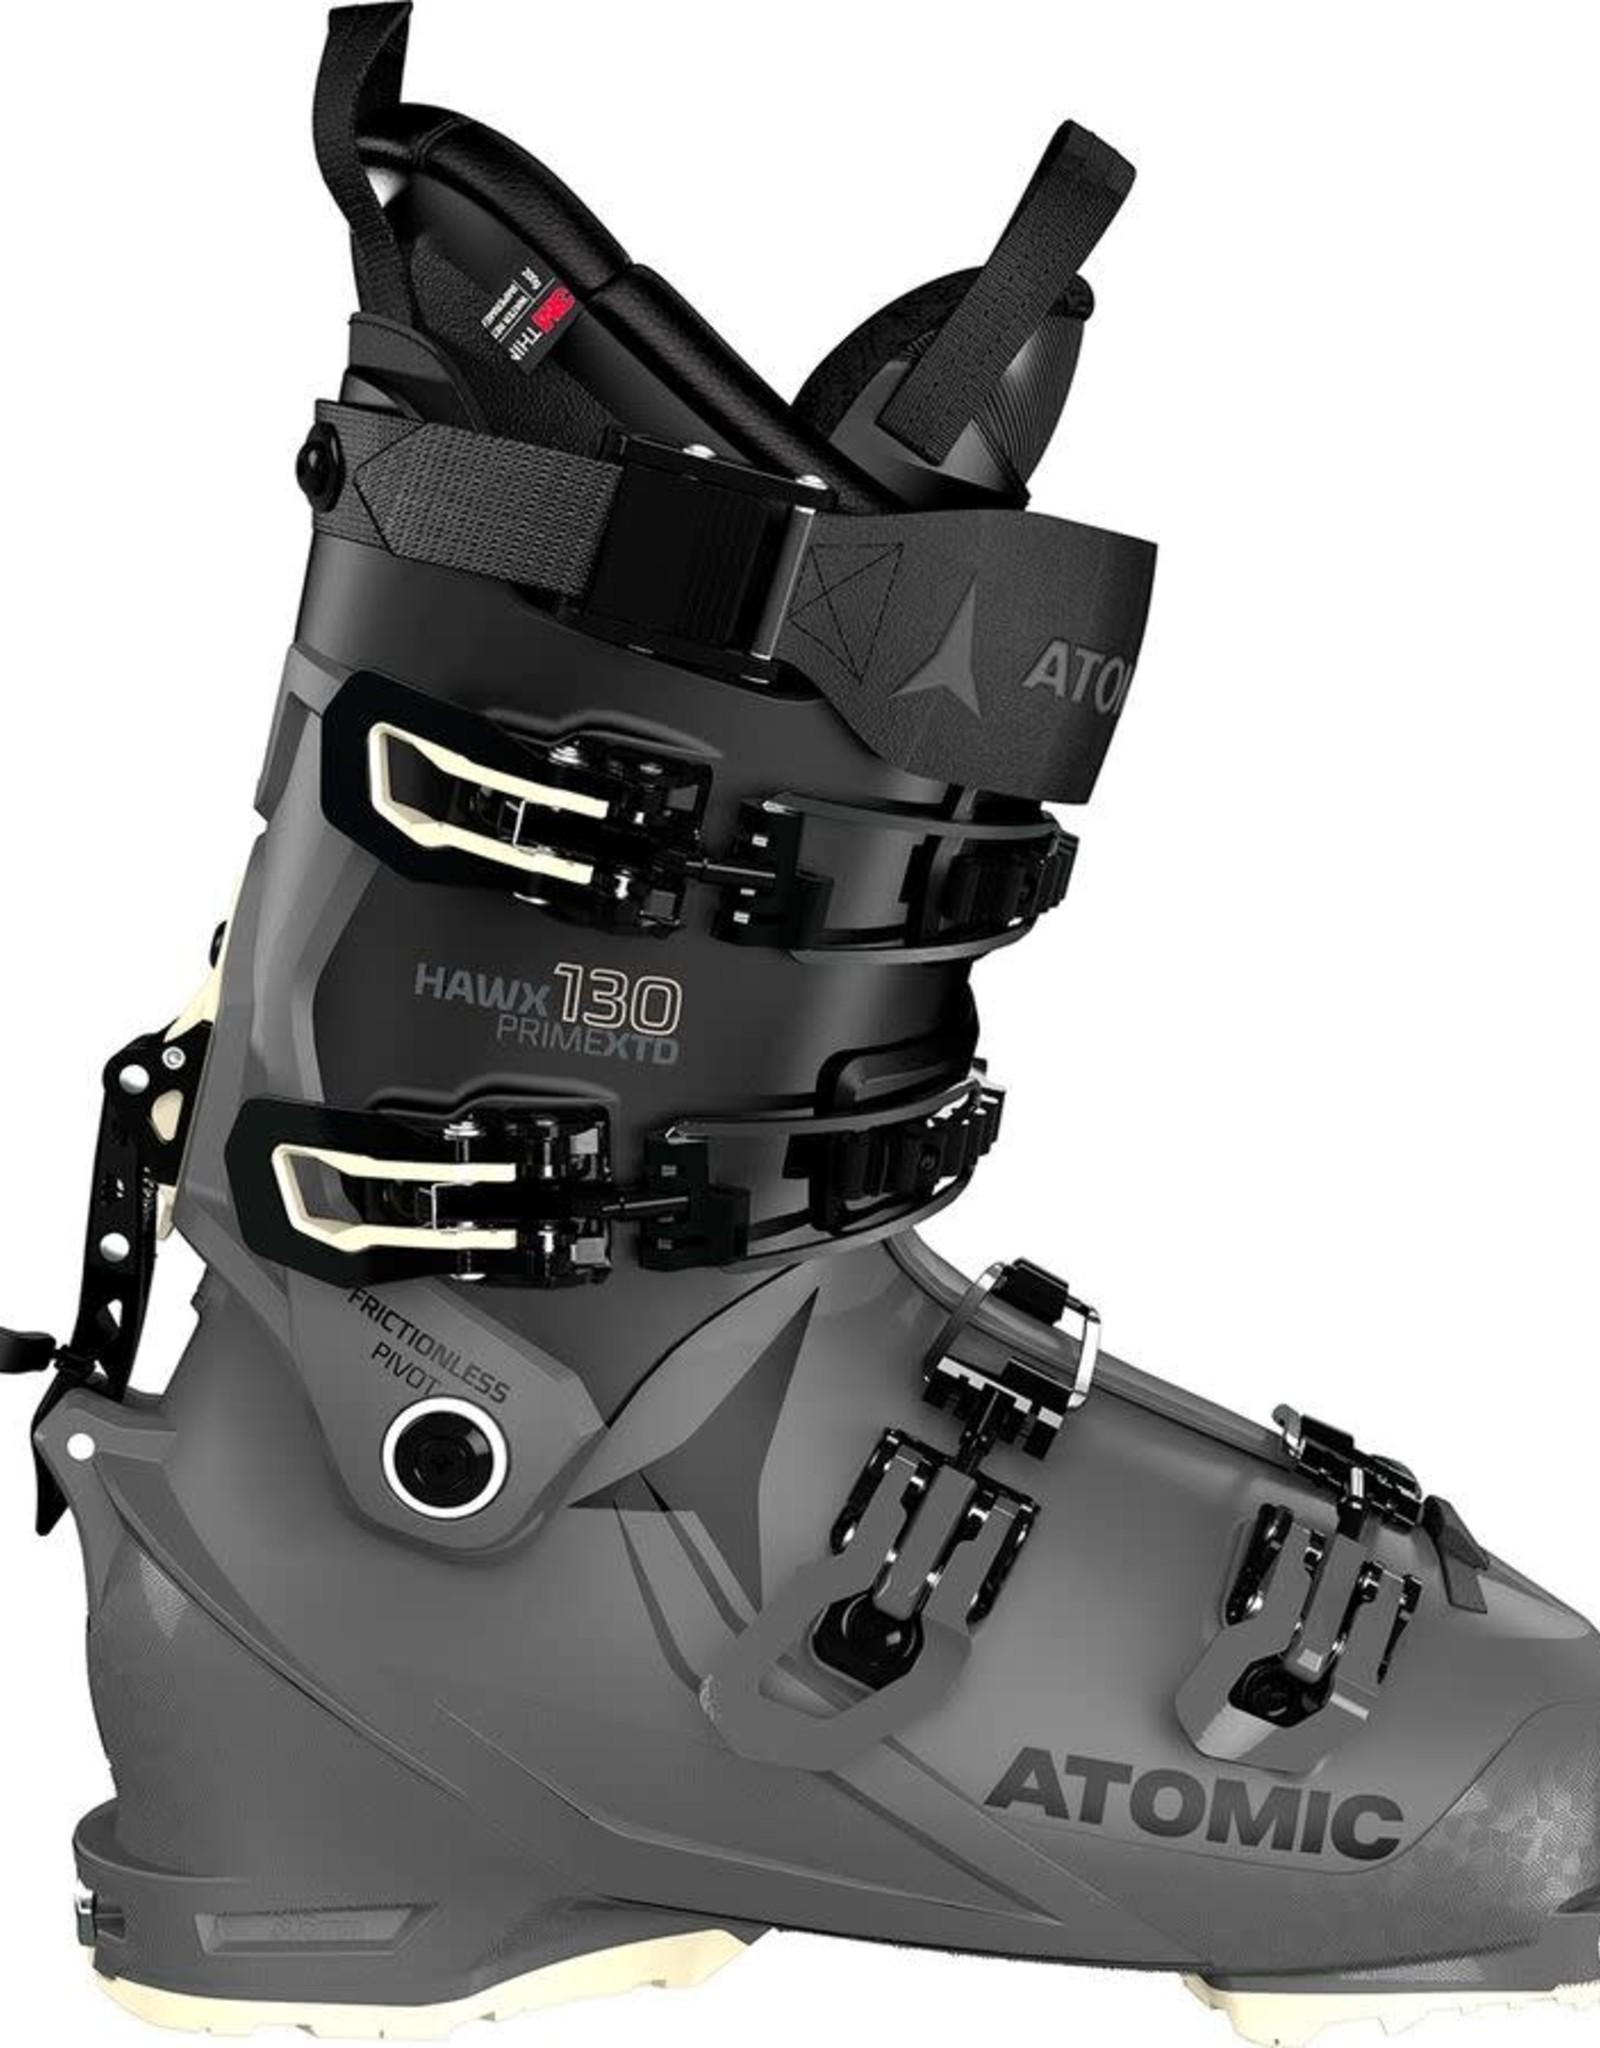 ATOMIC ATOMIC Ski Boots HAWX PRIME XTD 130 CT/TECH GW (21/22)